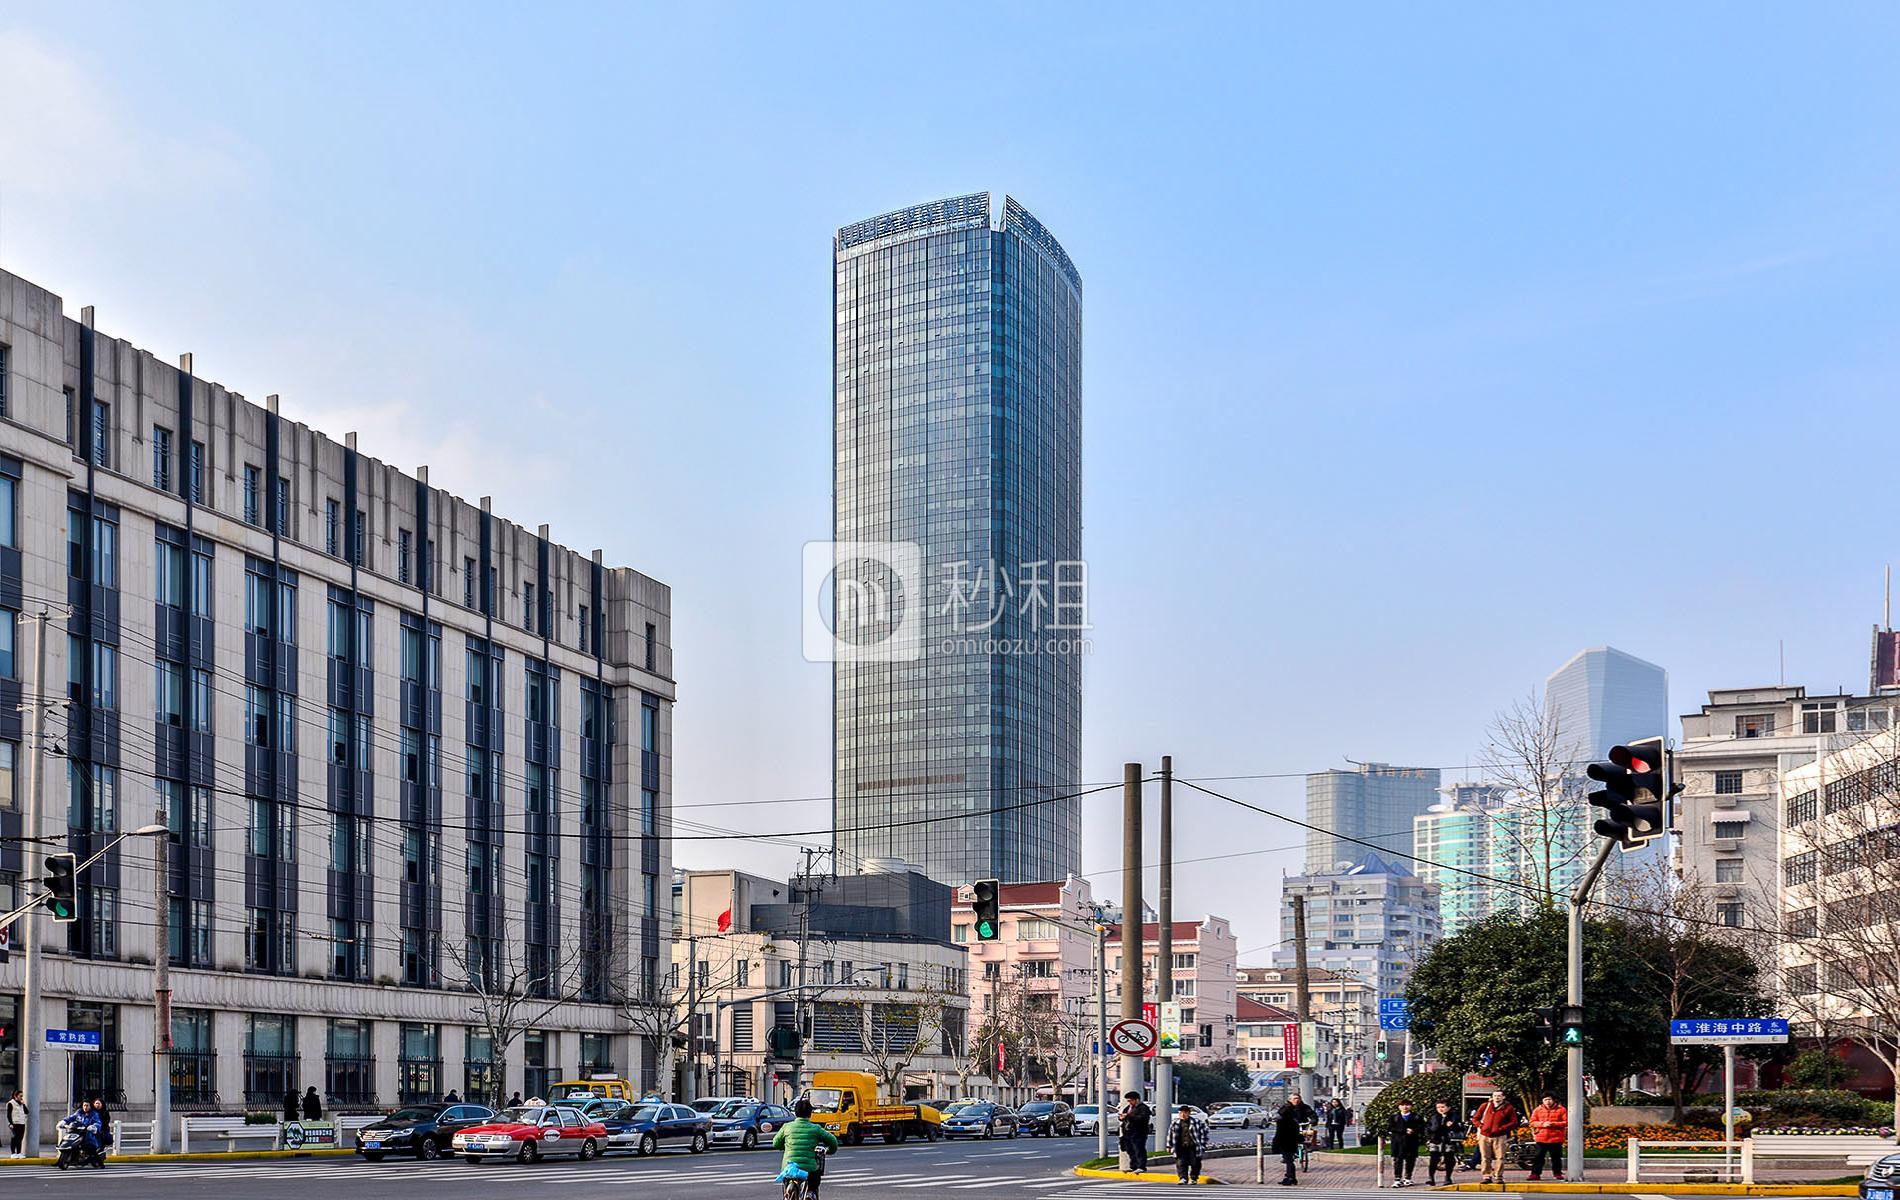 嘉华中心写字楼出租/招租/租赁,嘉华中心办公室出租/招租/租赁